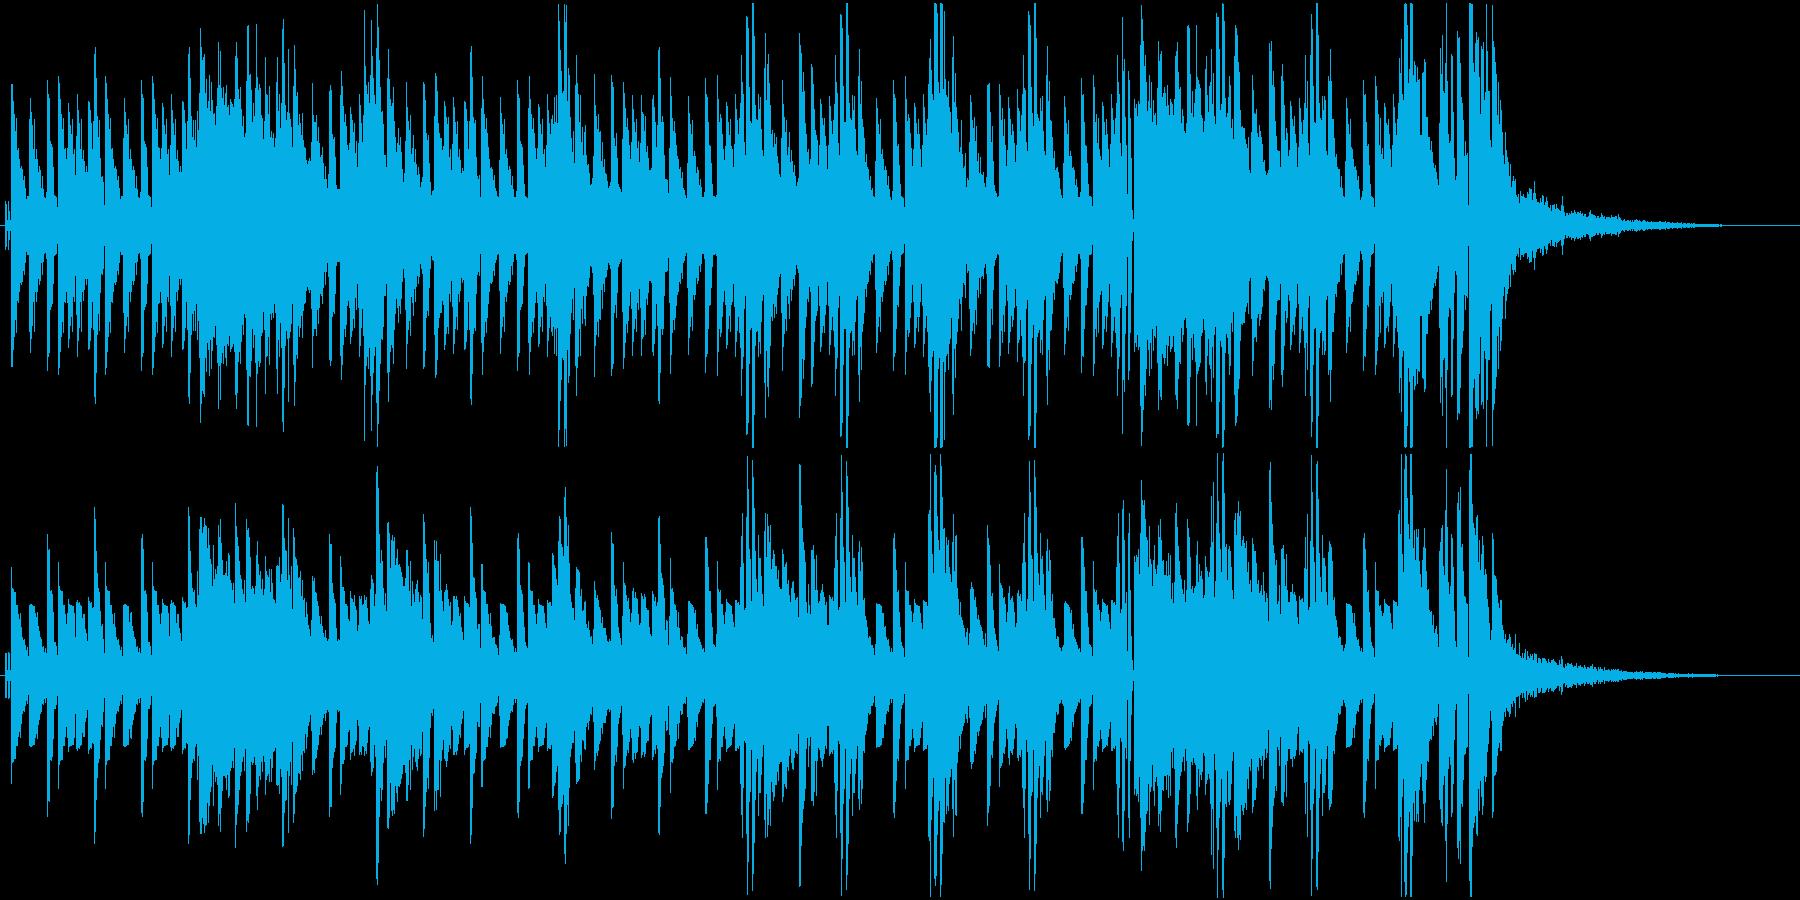 ゲームの戦闘に合いそうな民族楽器曲の再生済みの波形